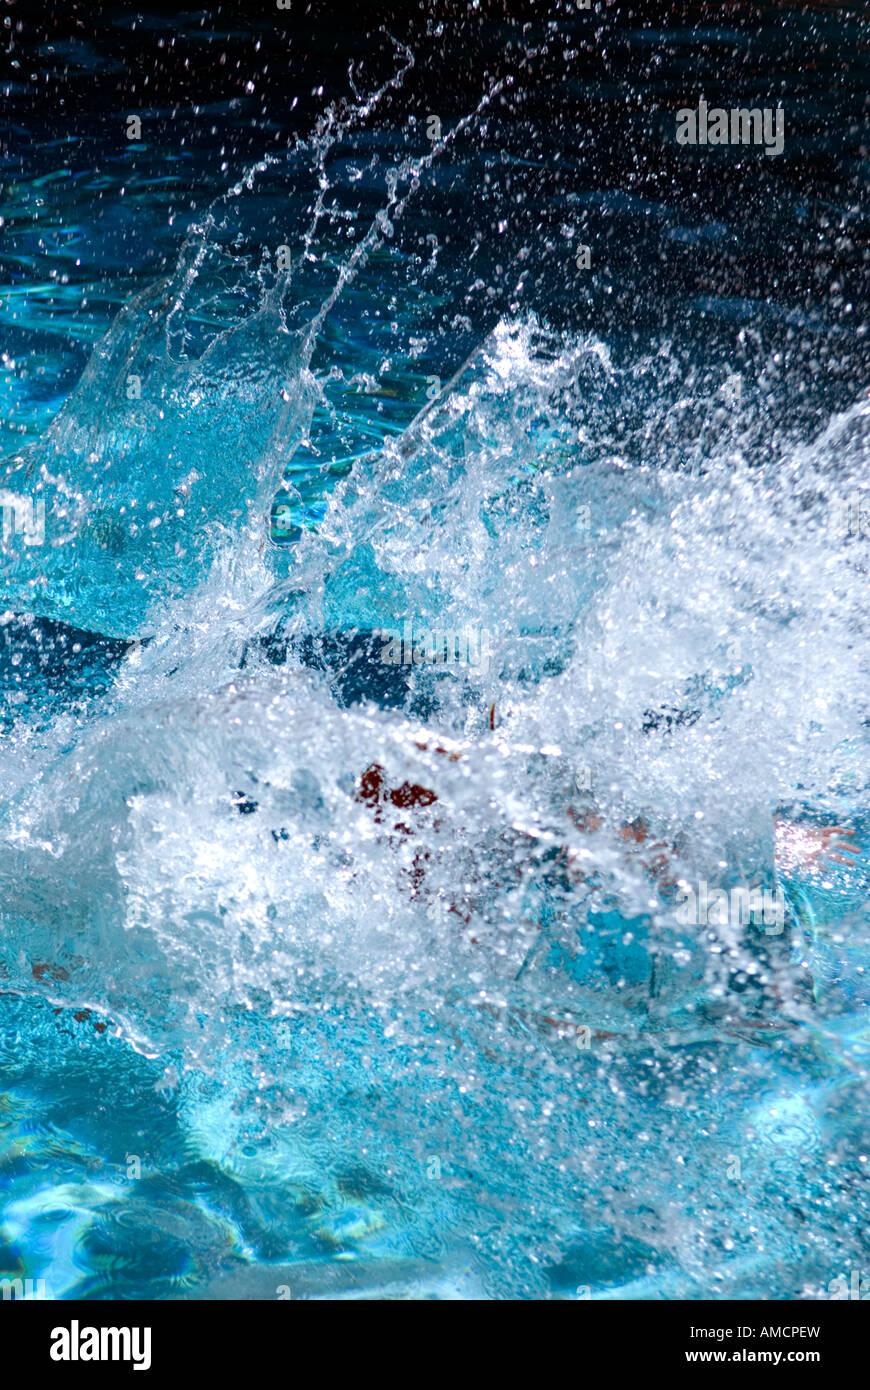 Detail der planschen im Pool wie jemand springt Stockbild